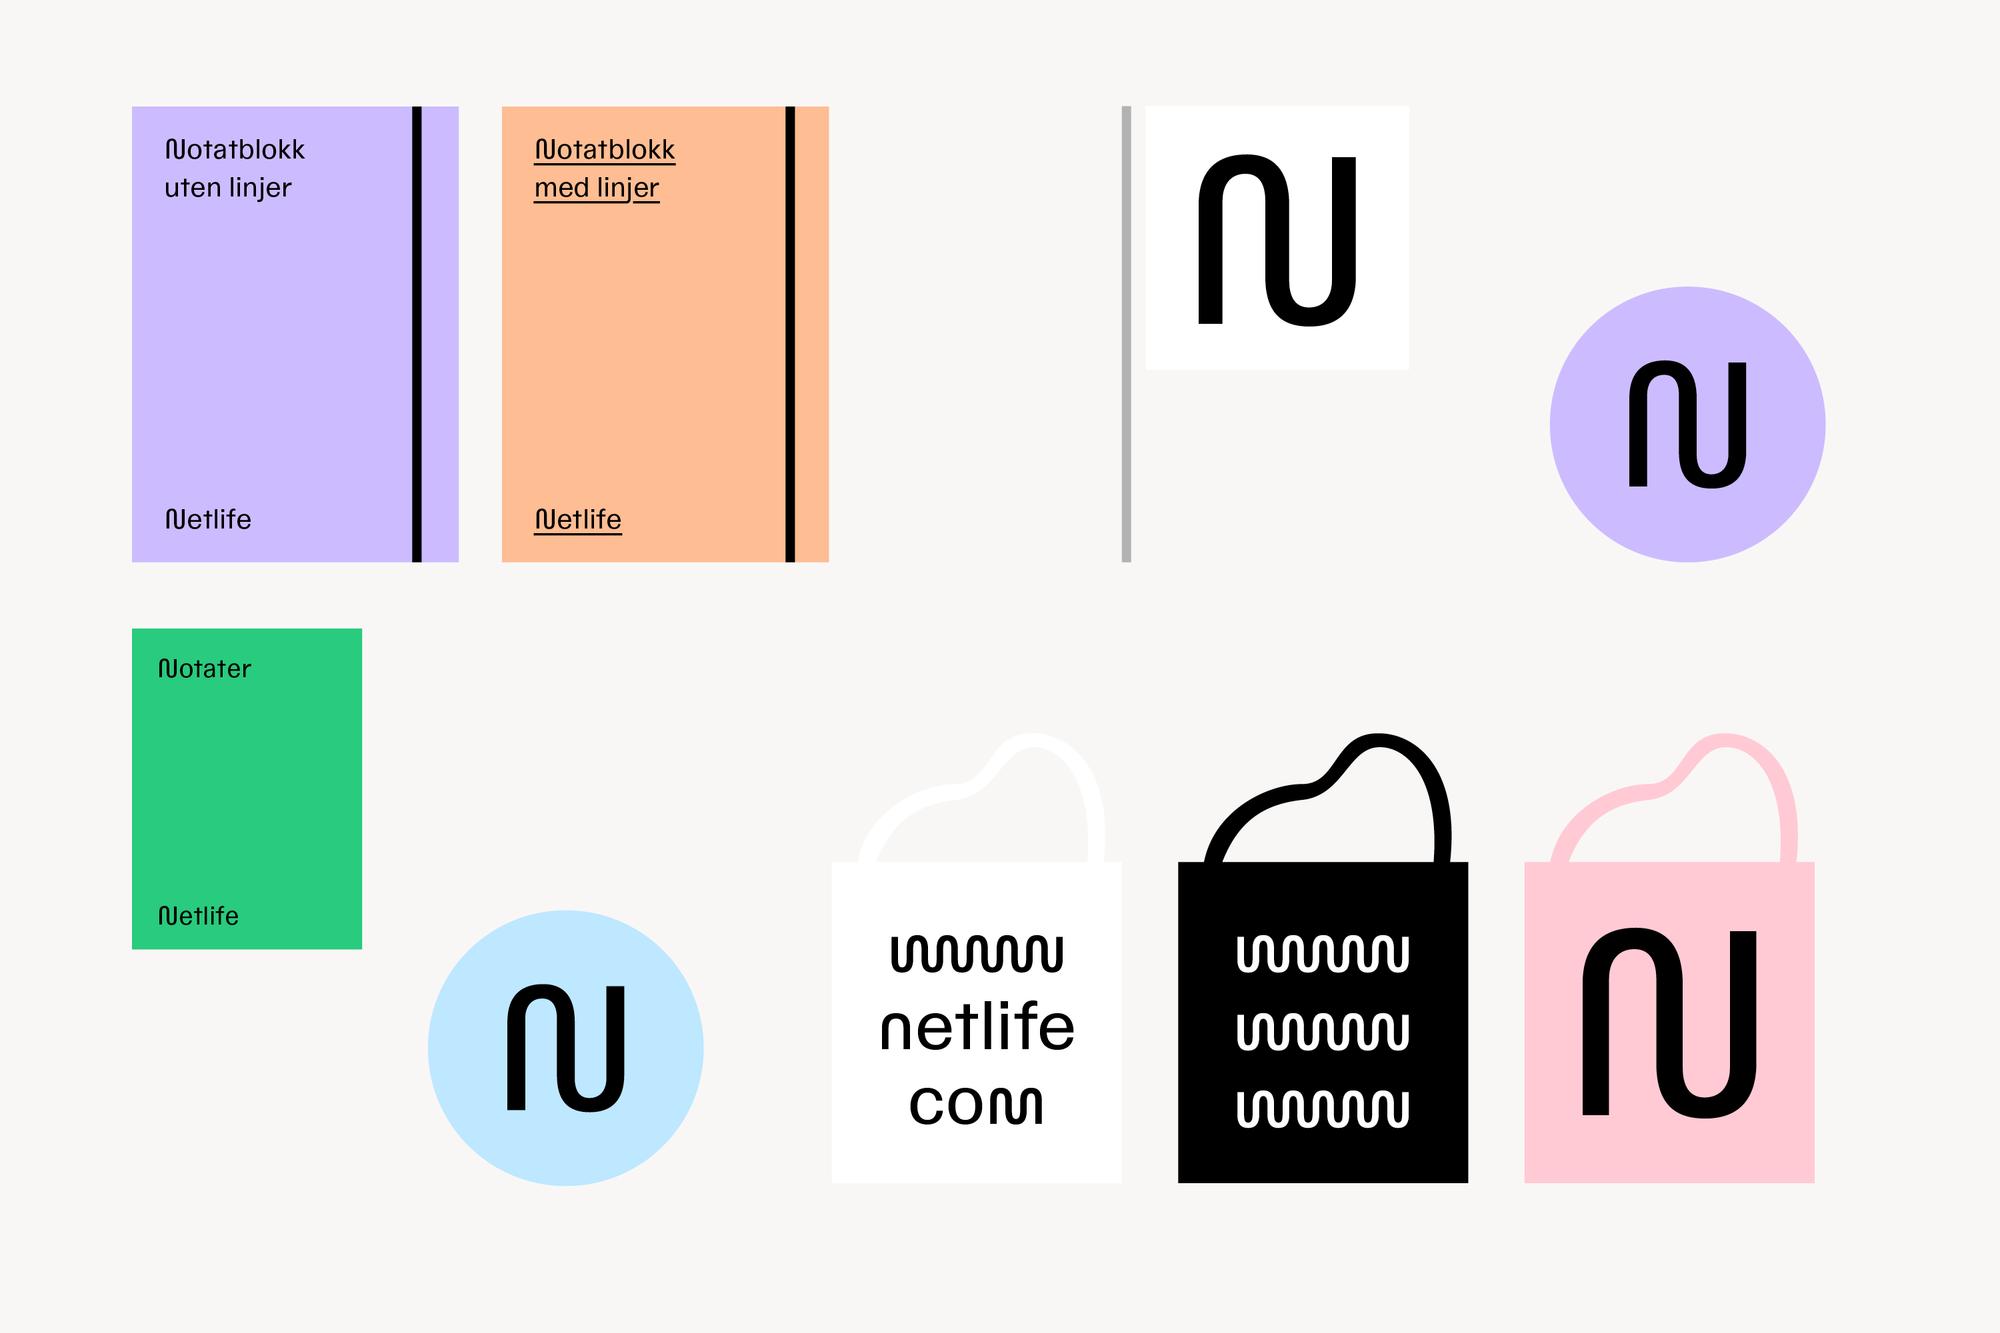 Fargebruk og logo